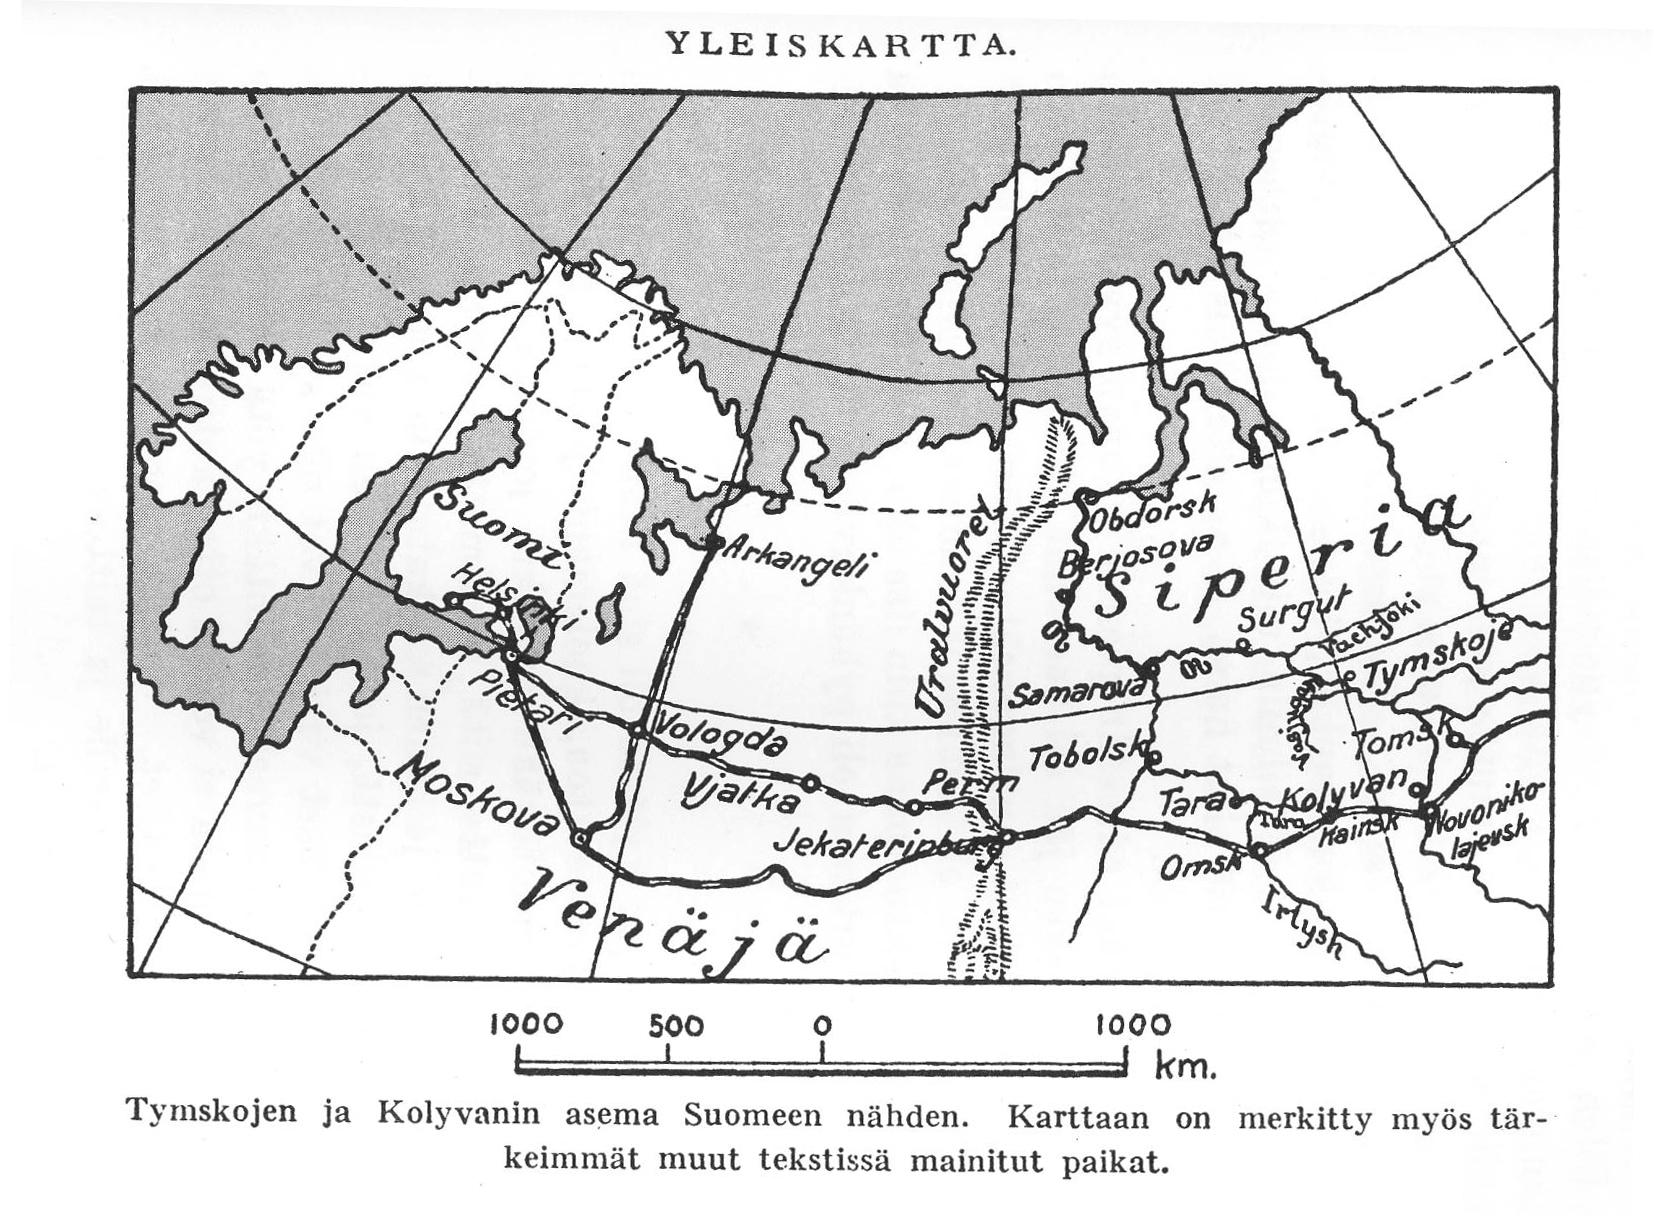 1914-kartta-matka-siperiaan-raikkonen-1928